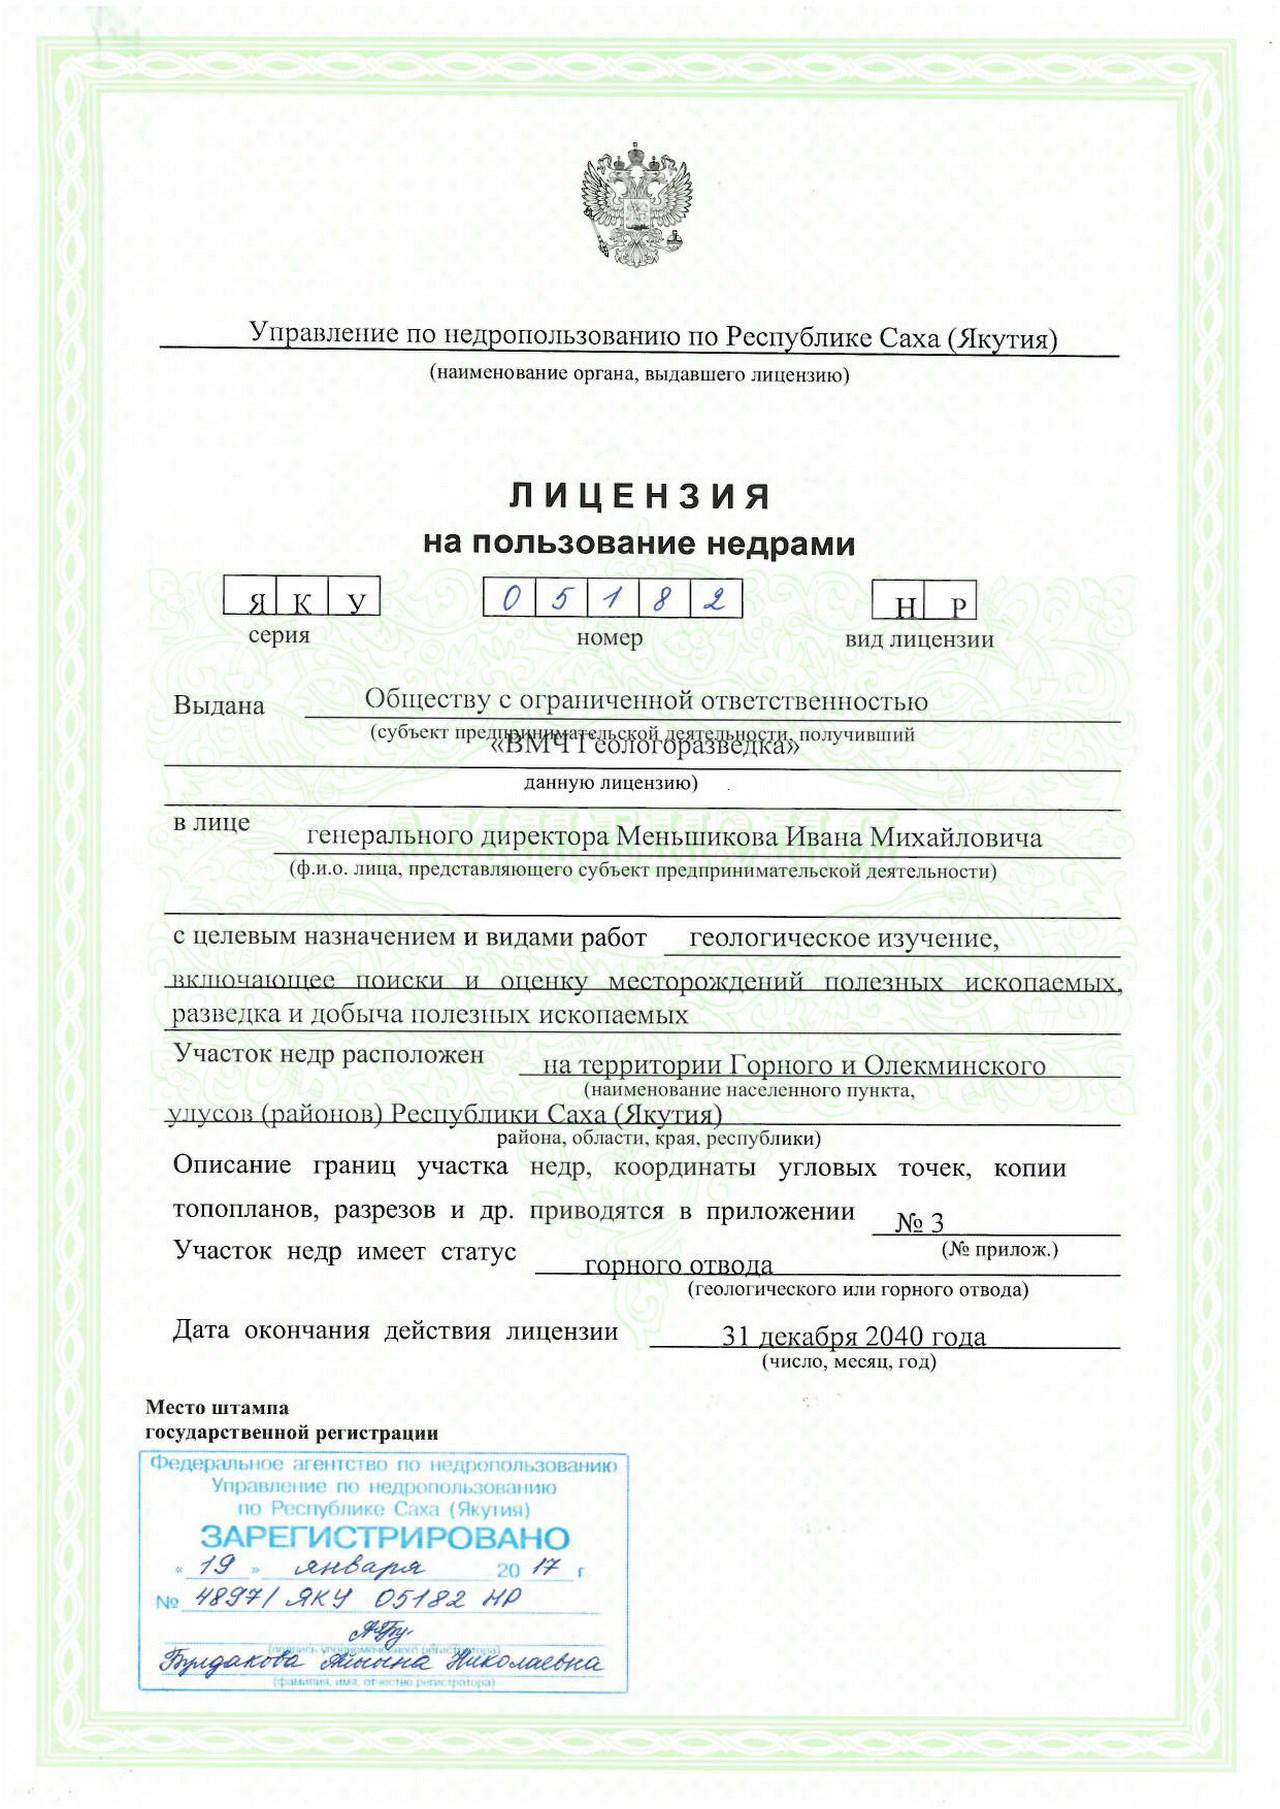 vmchgeo-licence-05182